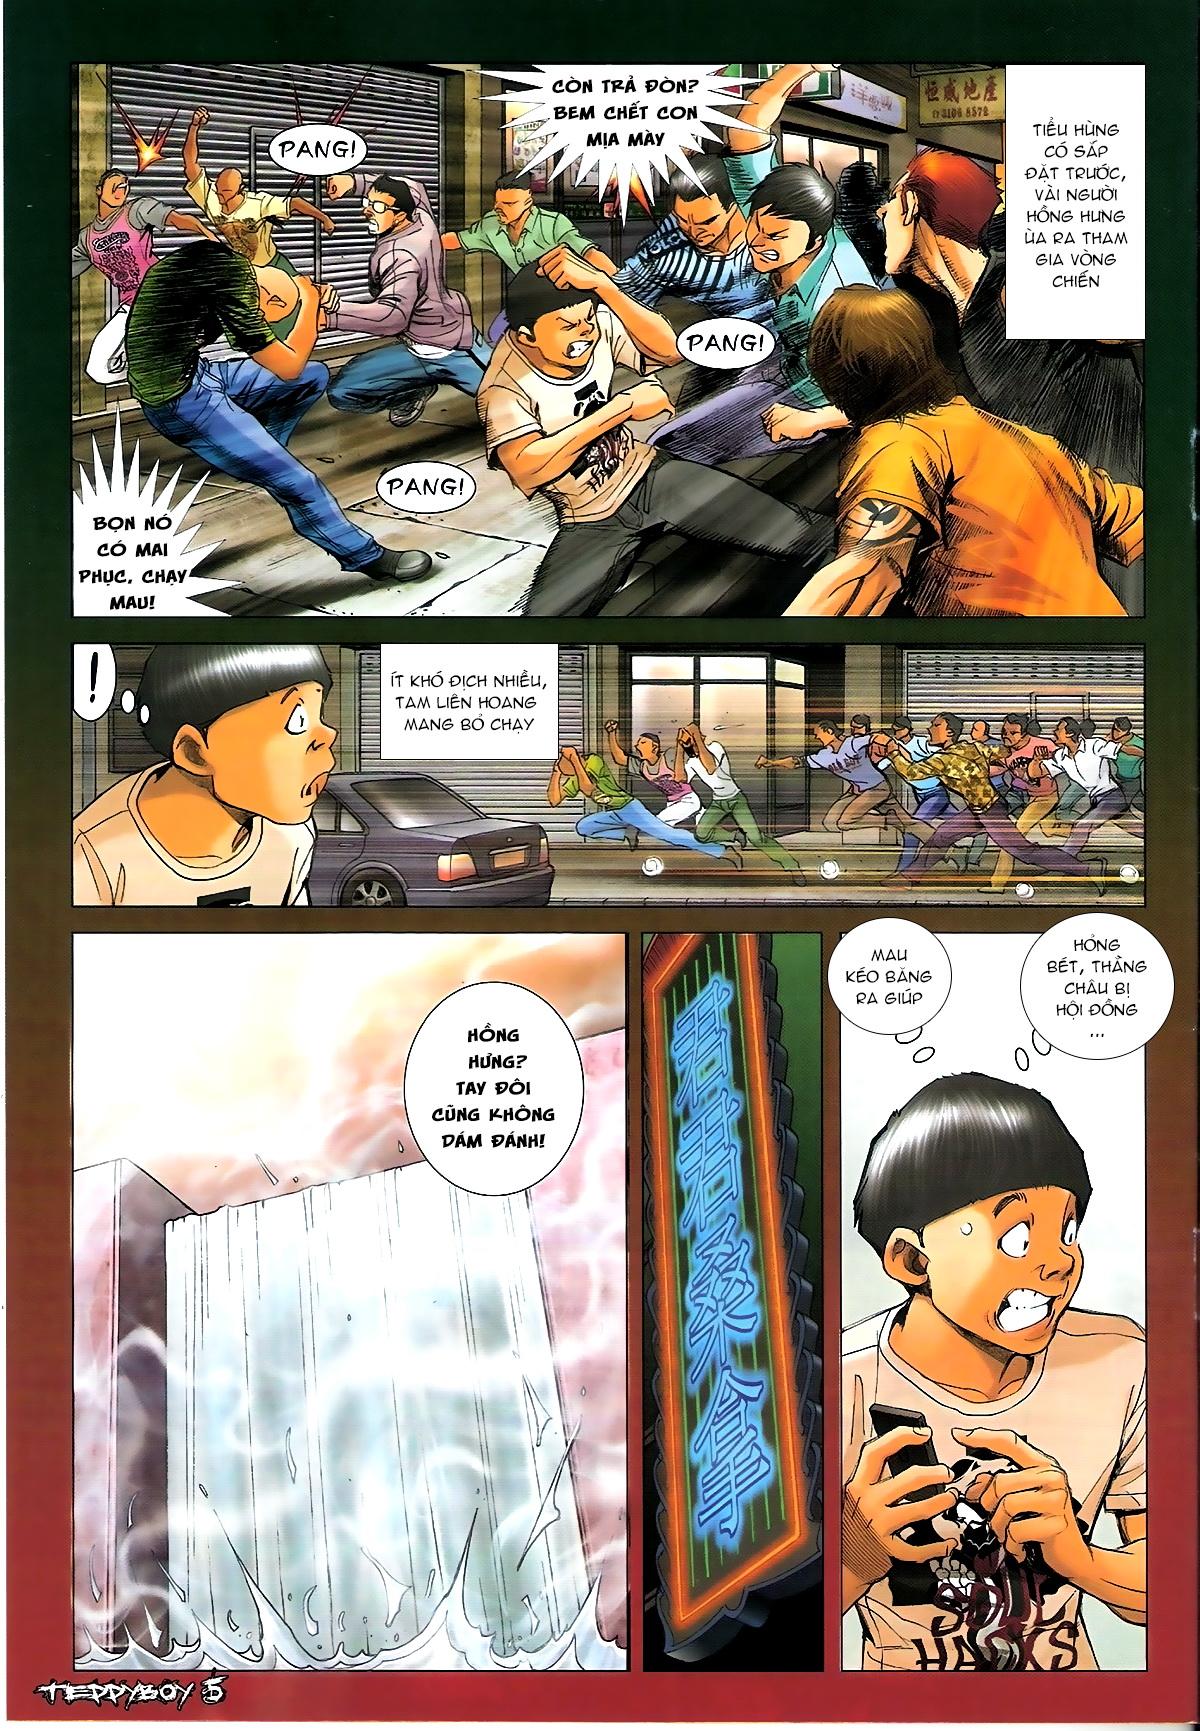 Người Trong Giang Hồ NetTruyen chap 1338 - Trang 4